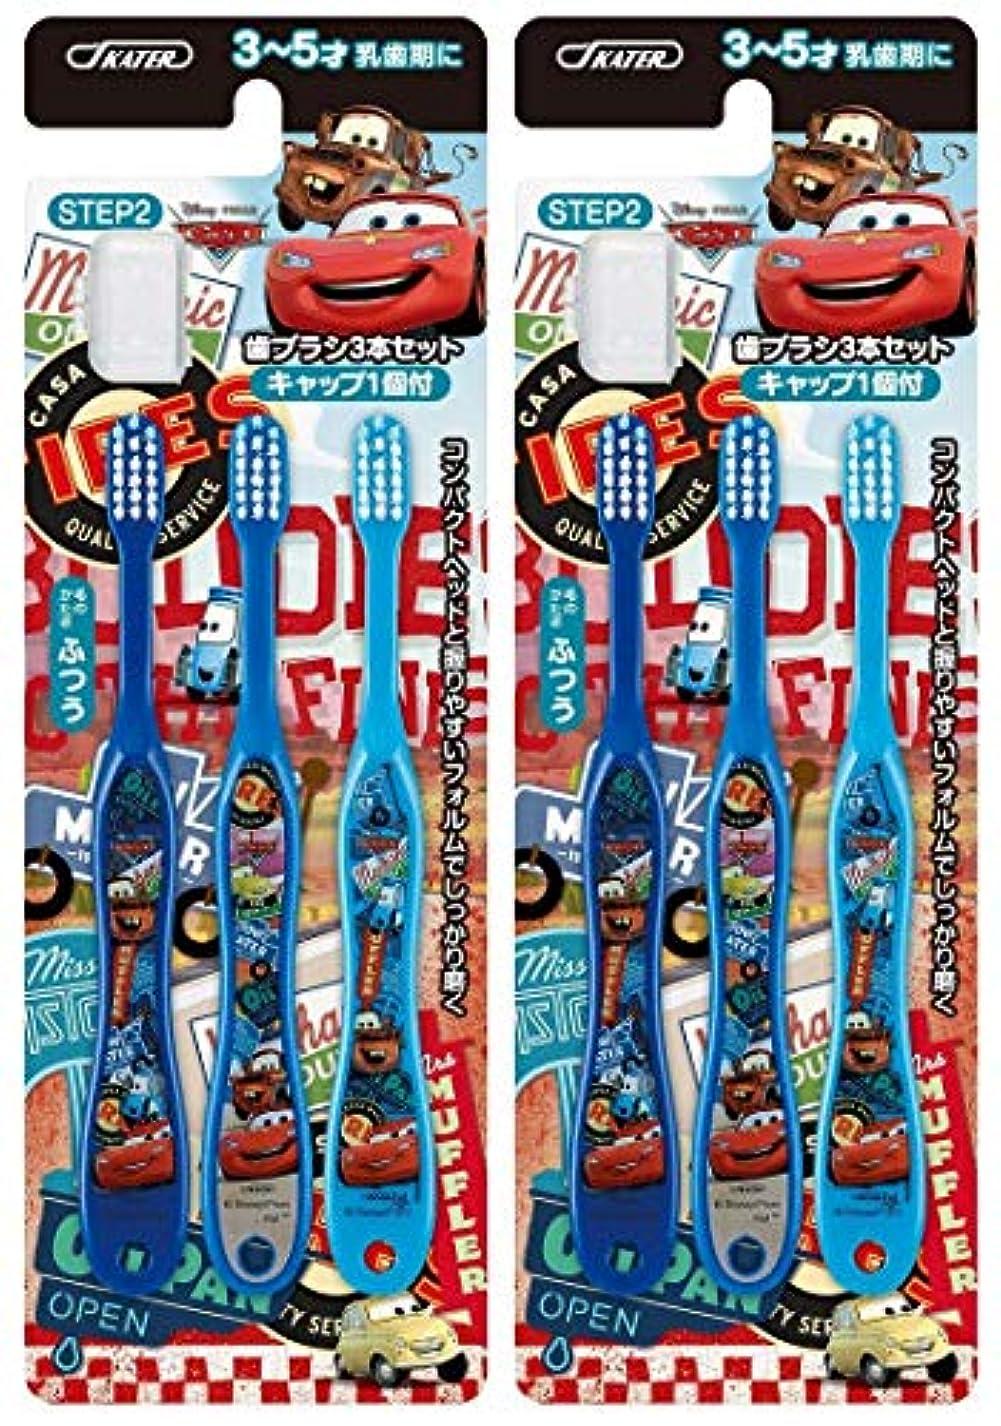 熟練した一般的な許すスケーター 歯ブラシ 園児用 3-5才 普通 6本セット (3本セット×2個) カーズ 14cm TB5T